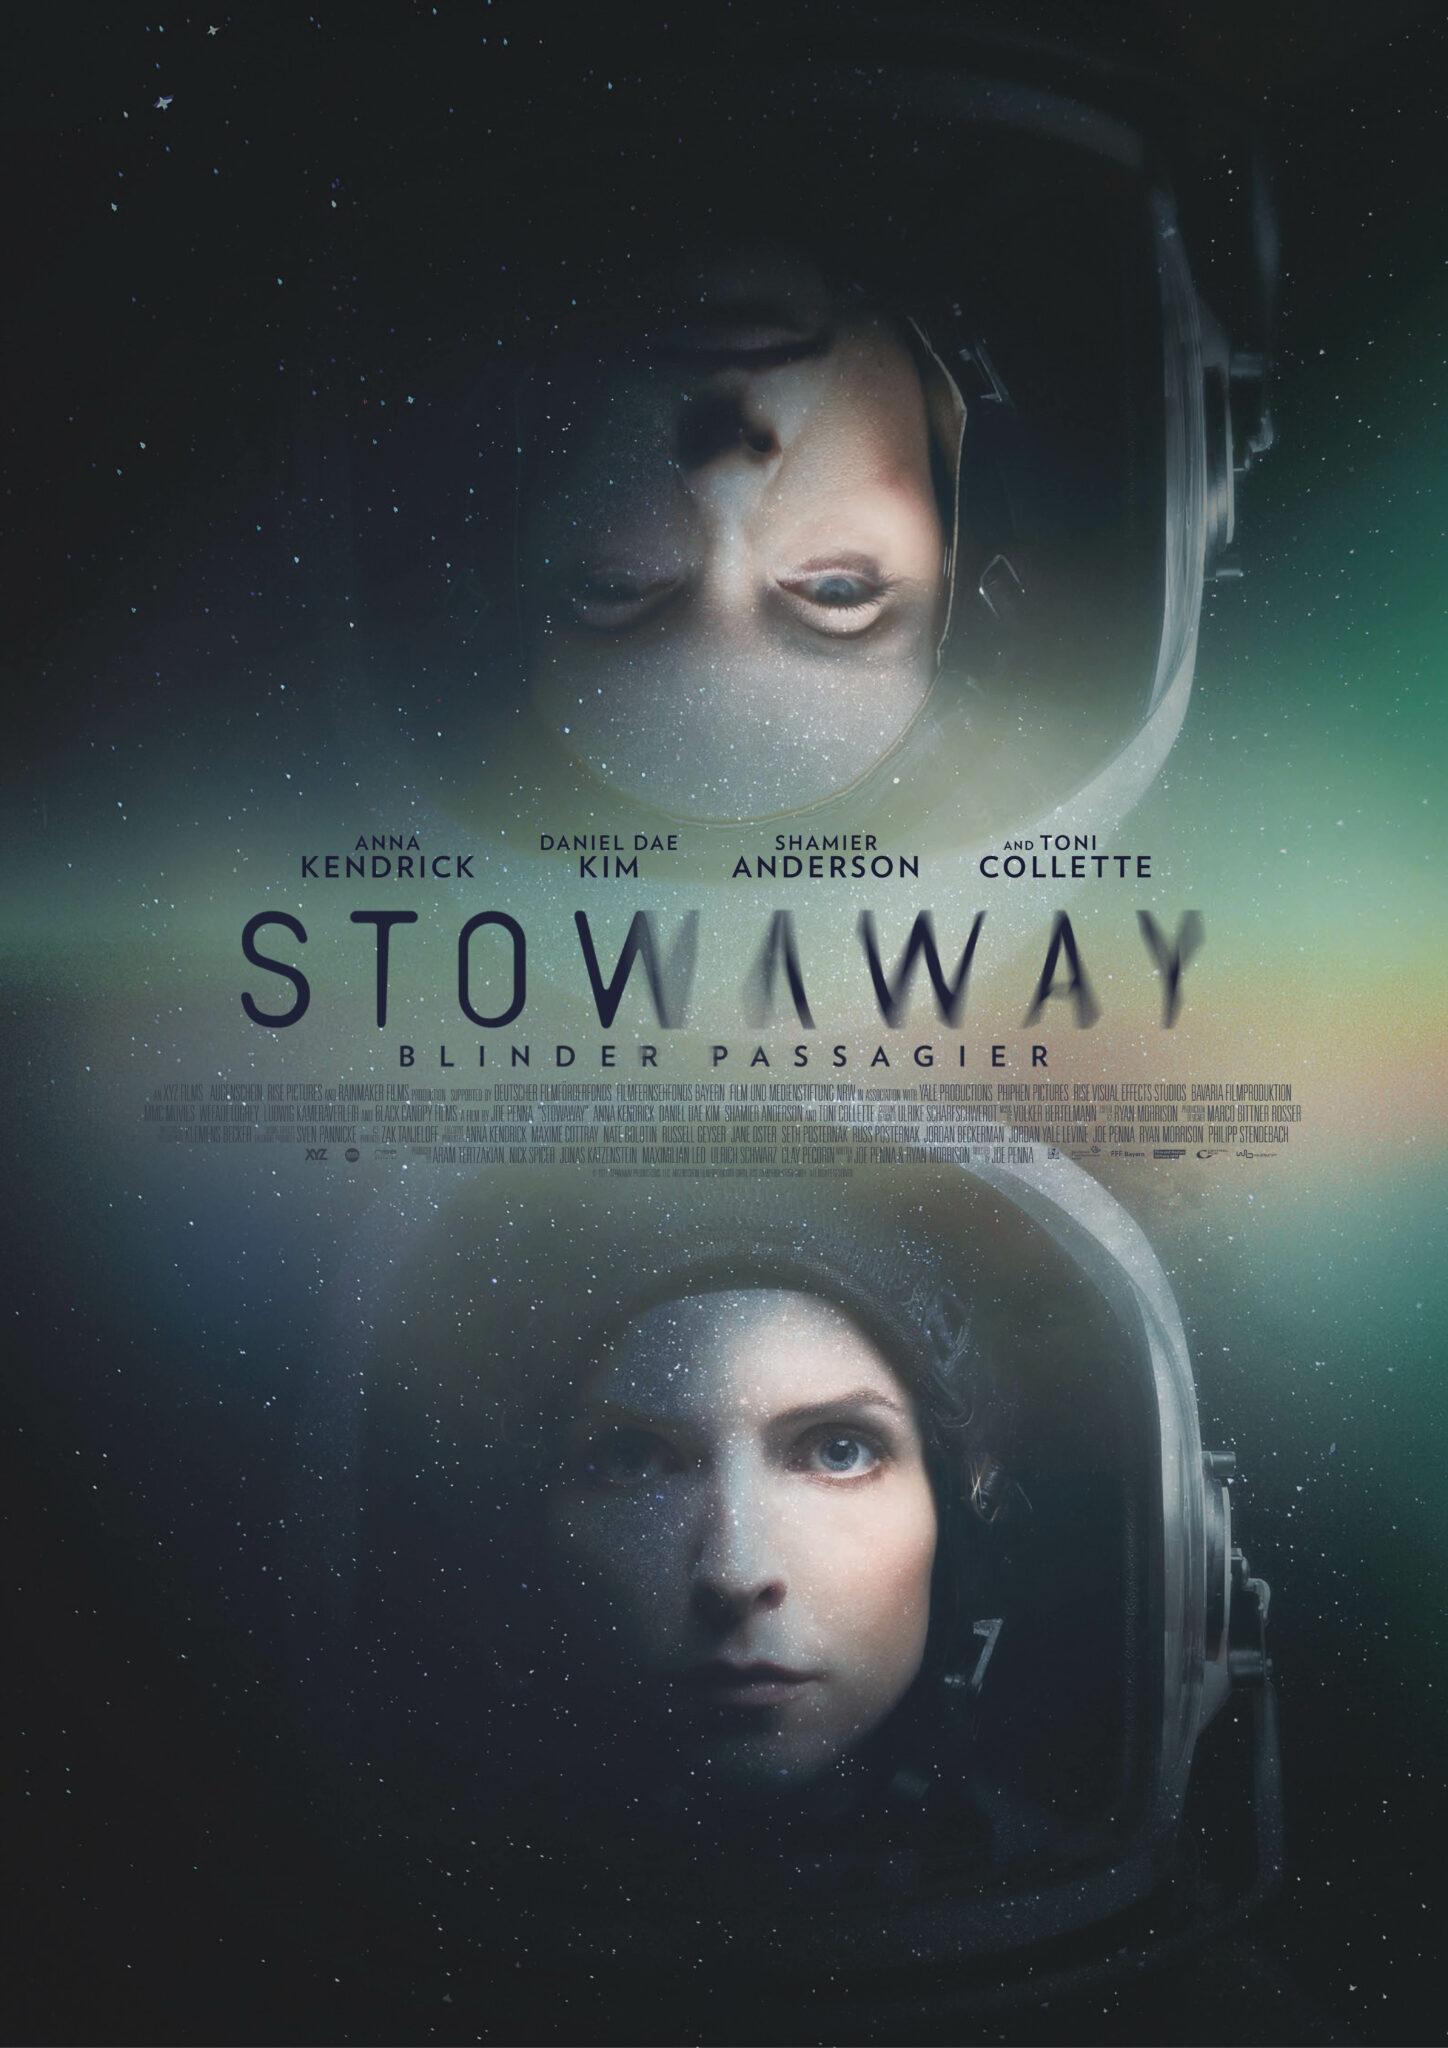 Das Poster zu Stowaway zeigt leicht transparent auf der unteren Hälfte das Porträt von Anna Kendrick mit Astronautenhelm und auf der oberen Hälfte quasi gespiegelt das Porträt von Toni Collette ebenfalls mit Astronautenhelm. Dazwischen steht der Titel in schwarzer Schrift sowie die Besetzung.